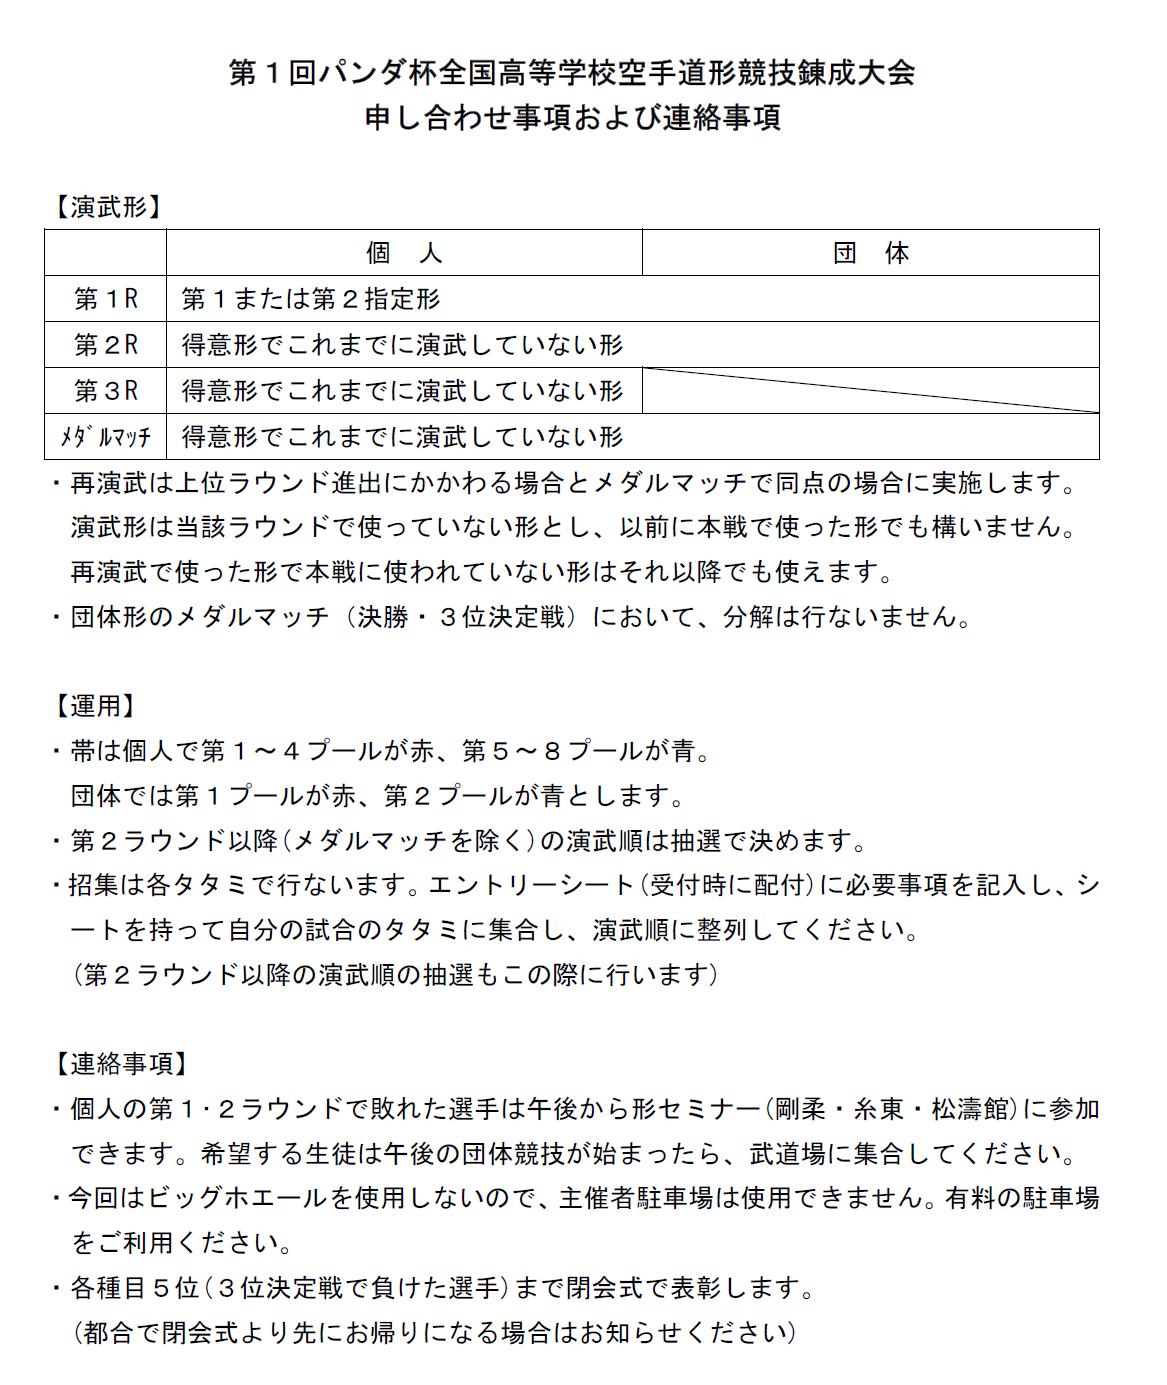 競技日程表と対戦表を掲載 第1回パンダ杯_e0238098_14225641.png